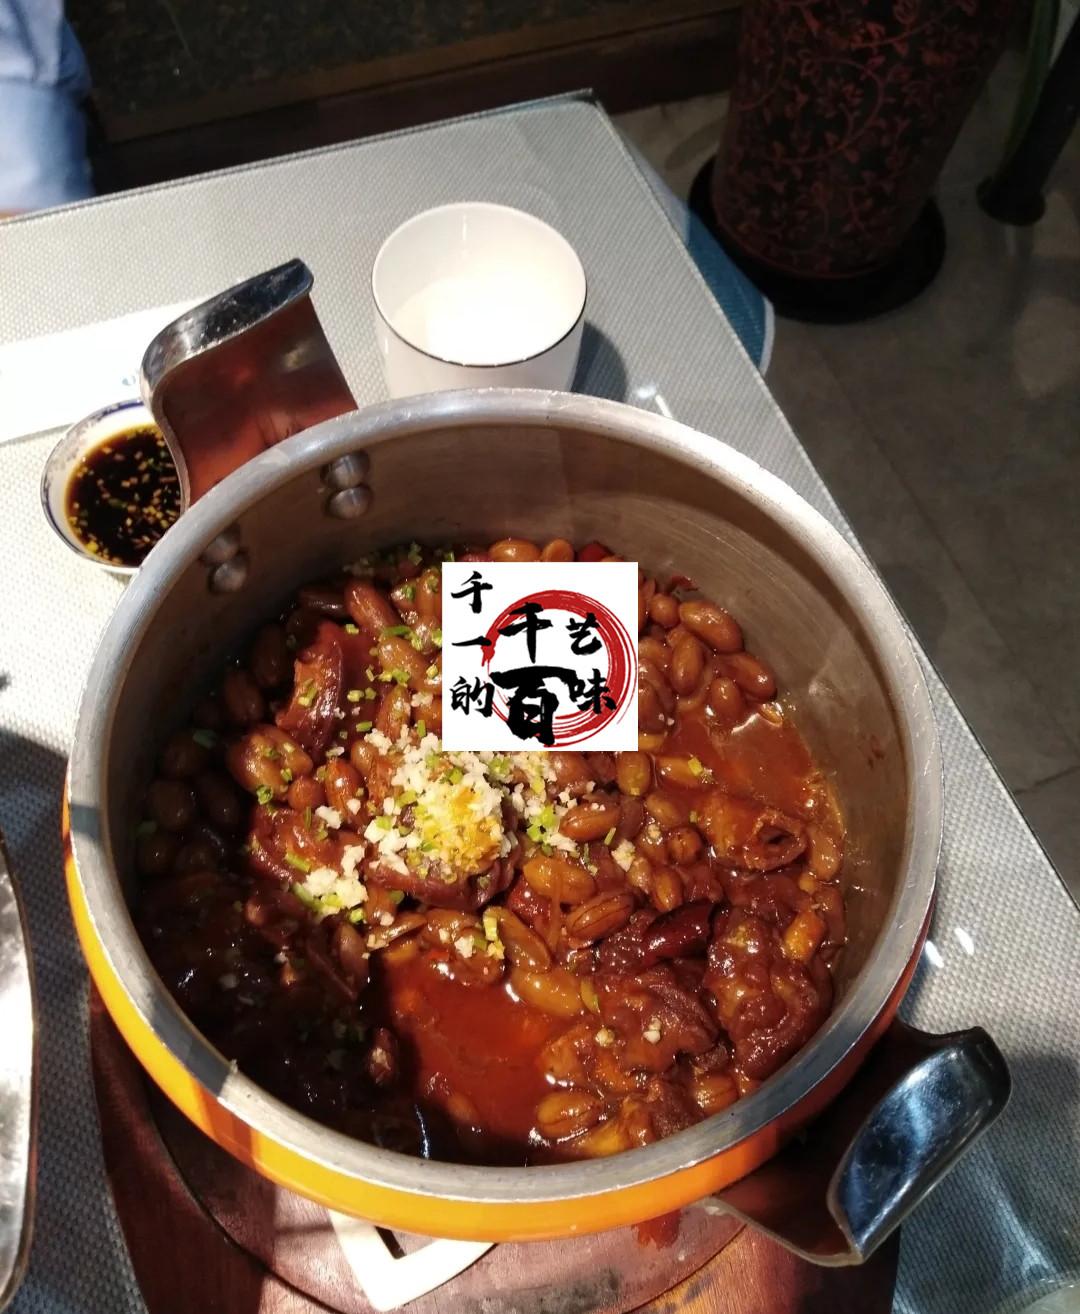 东北厨师分享四种压锅菜常用压锅酱的详细配方,建议收藏